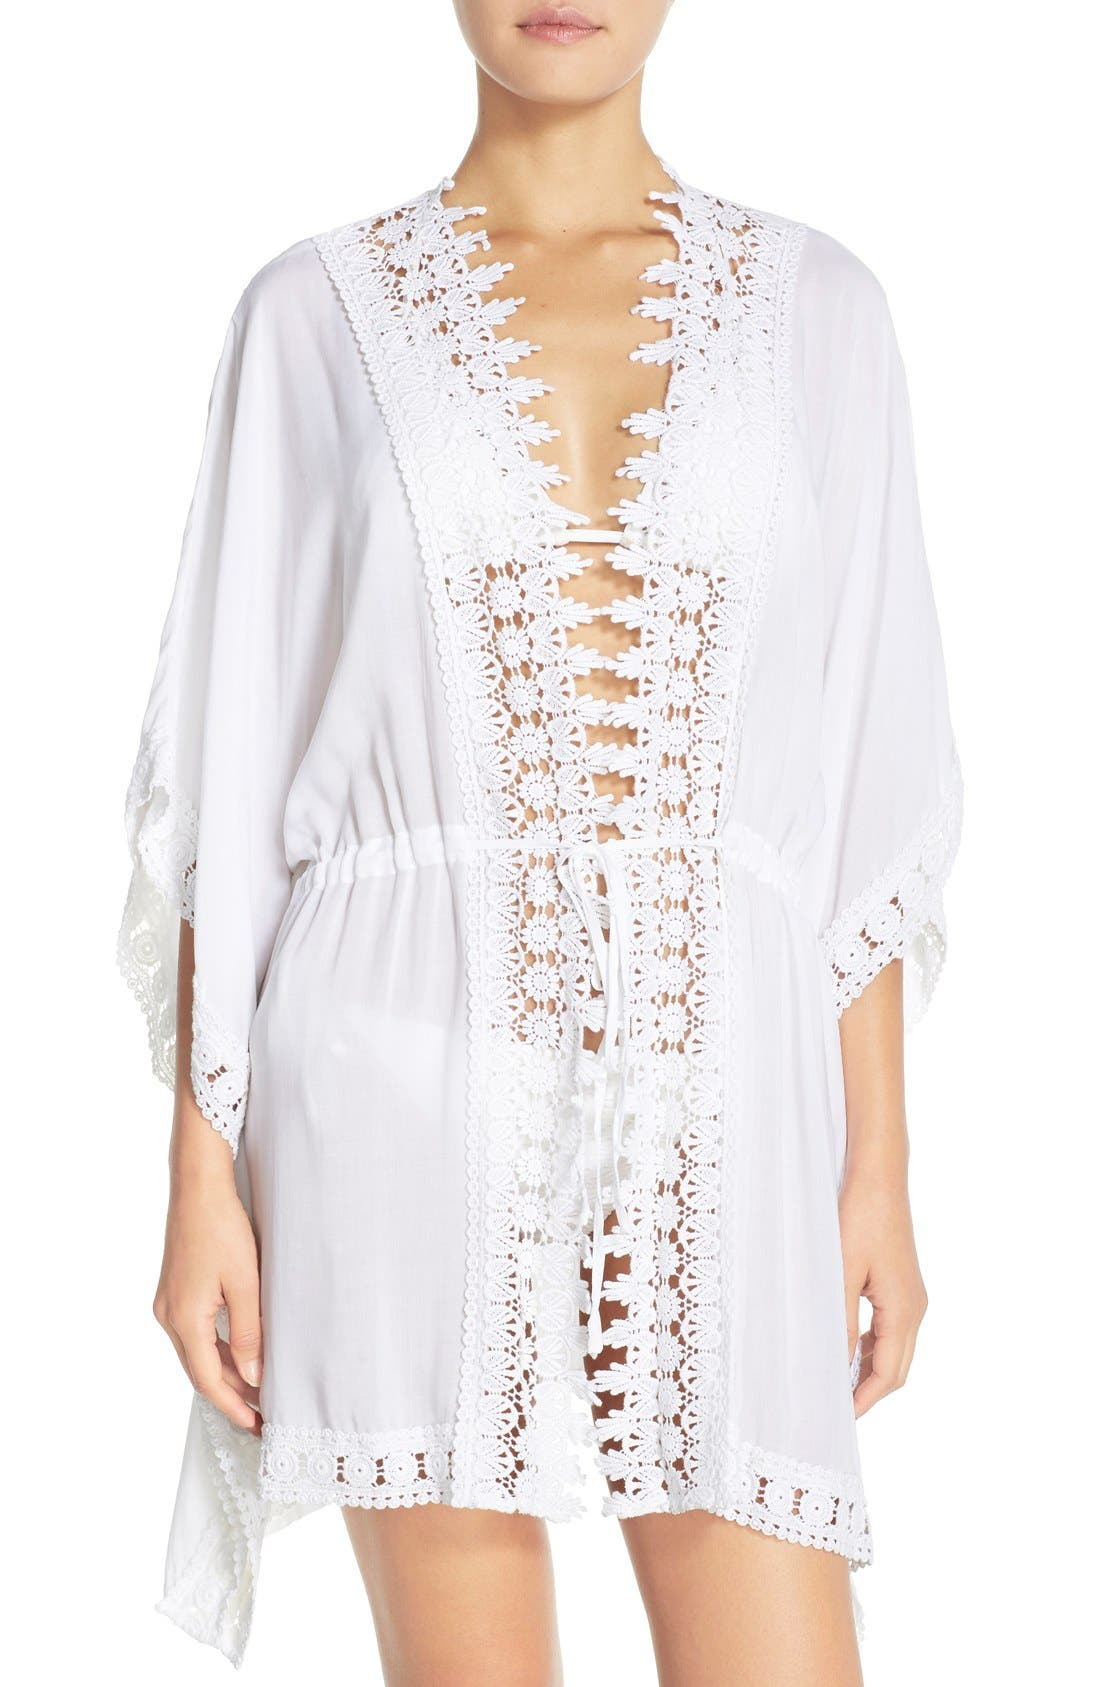 Main Image - La Blanca 'Costa Brava' Crochet Cover-Up Kimono